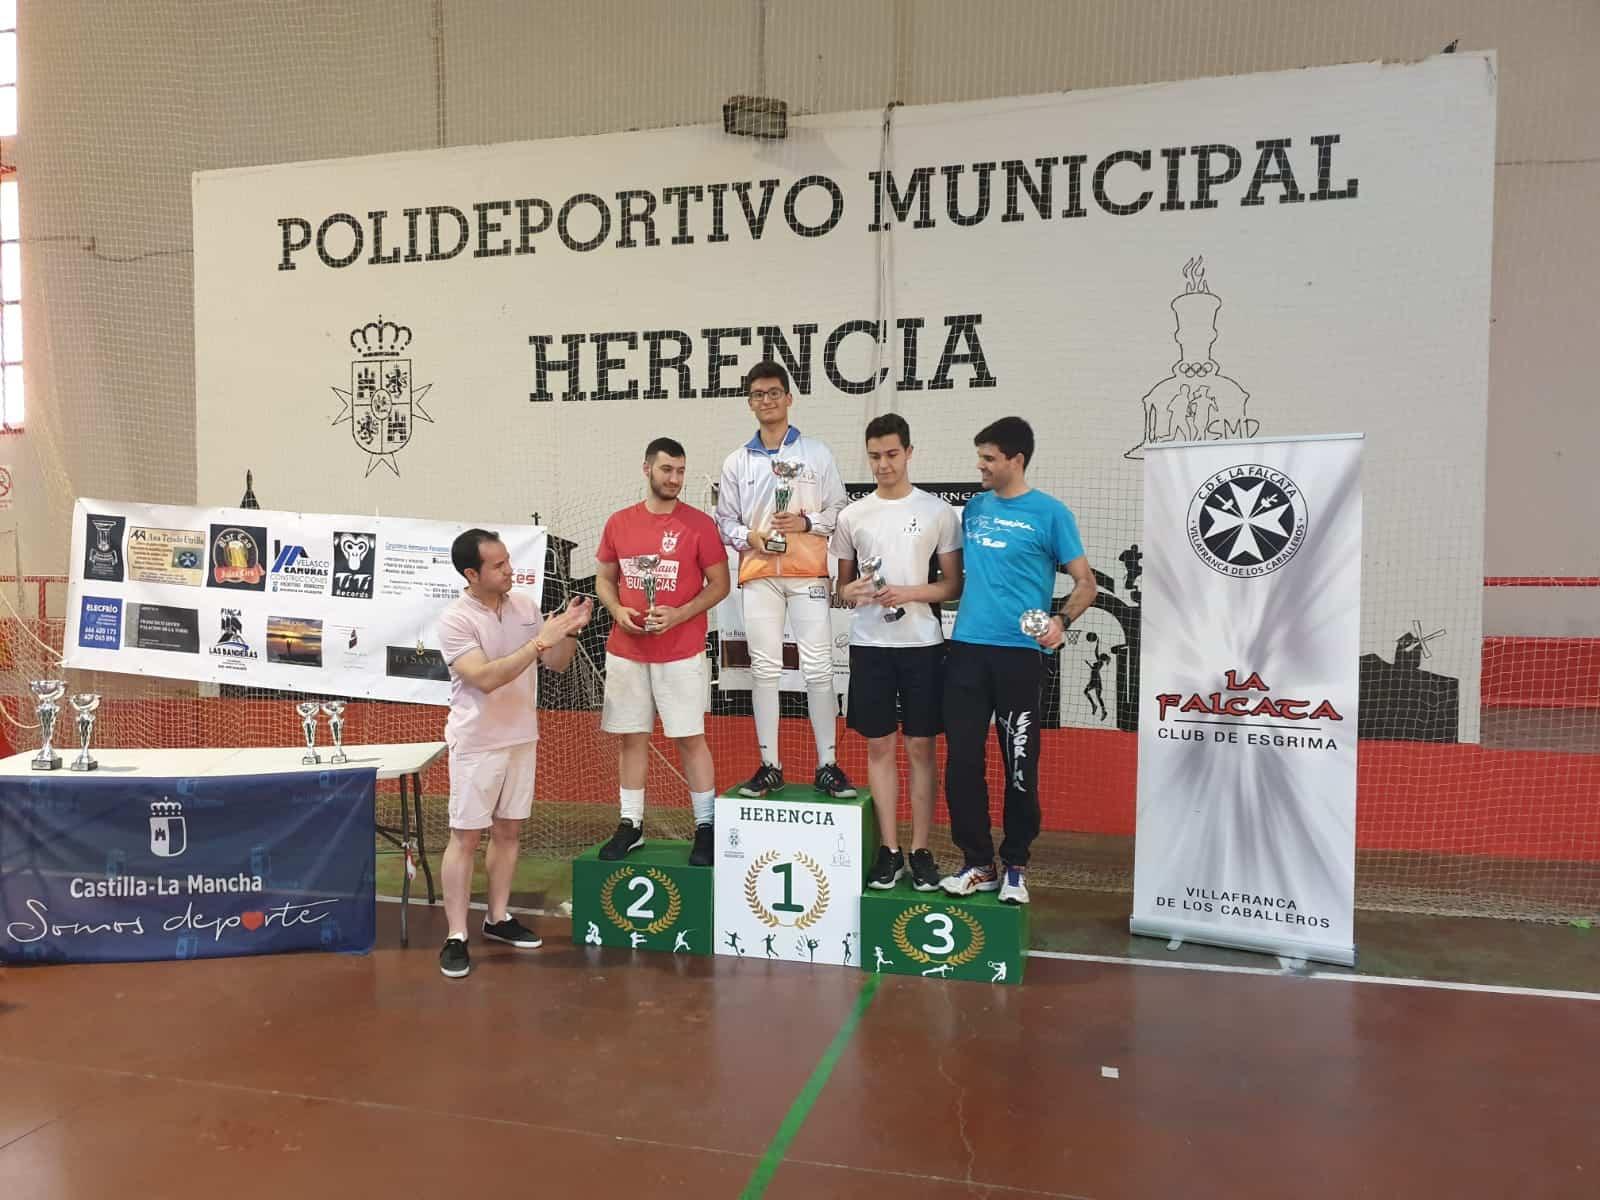 Herencia acoge el Campeonato Senior de Esgrima de Castilla La Mancha 21